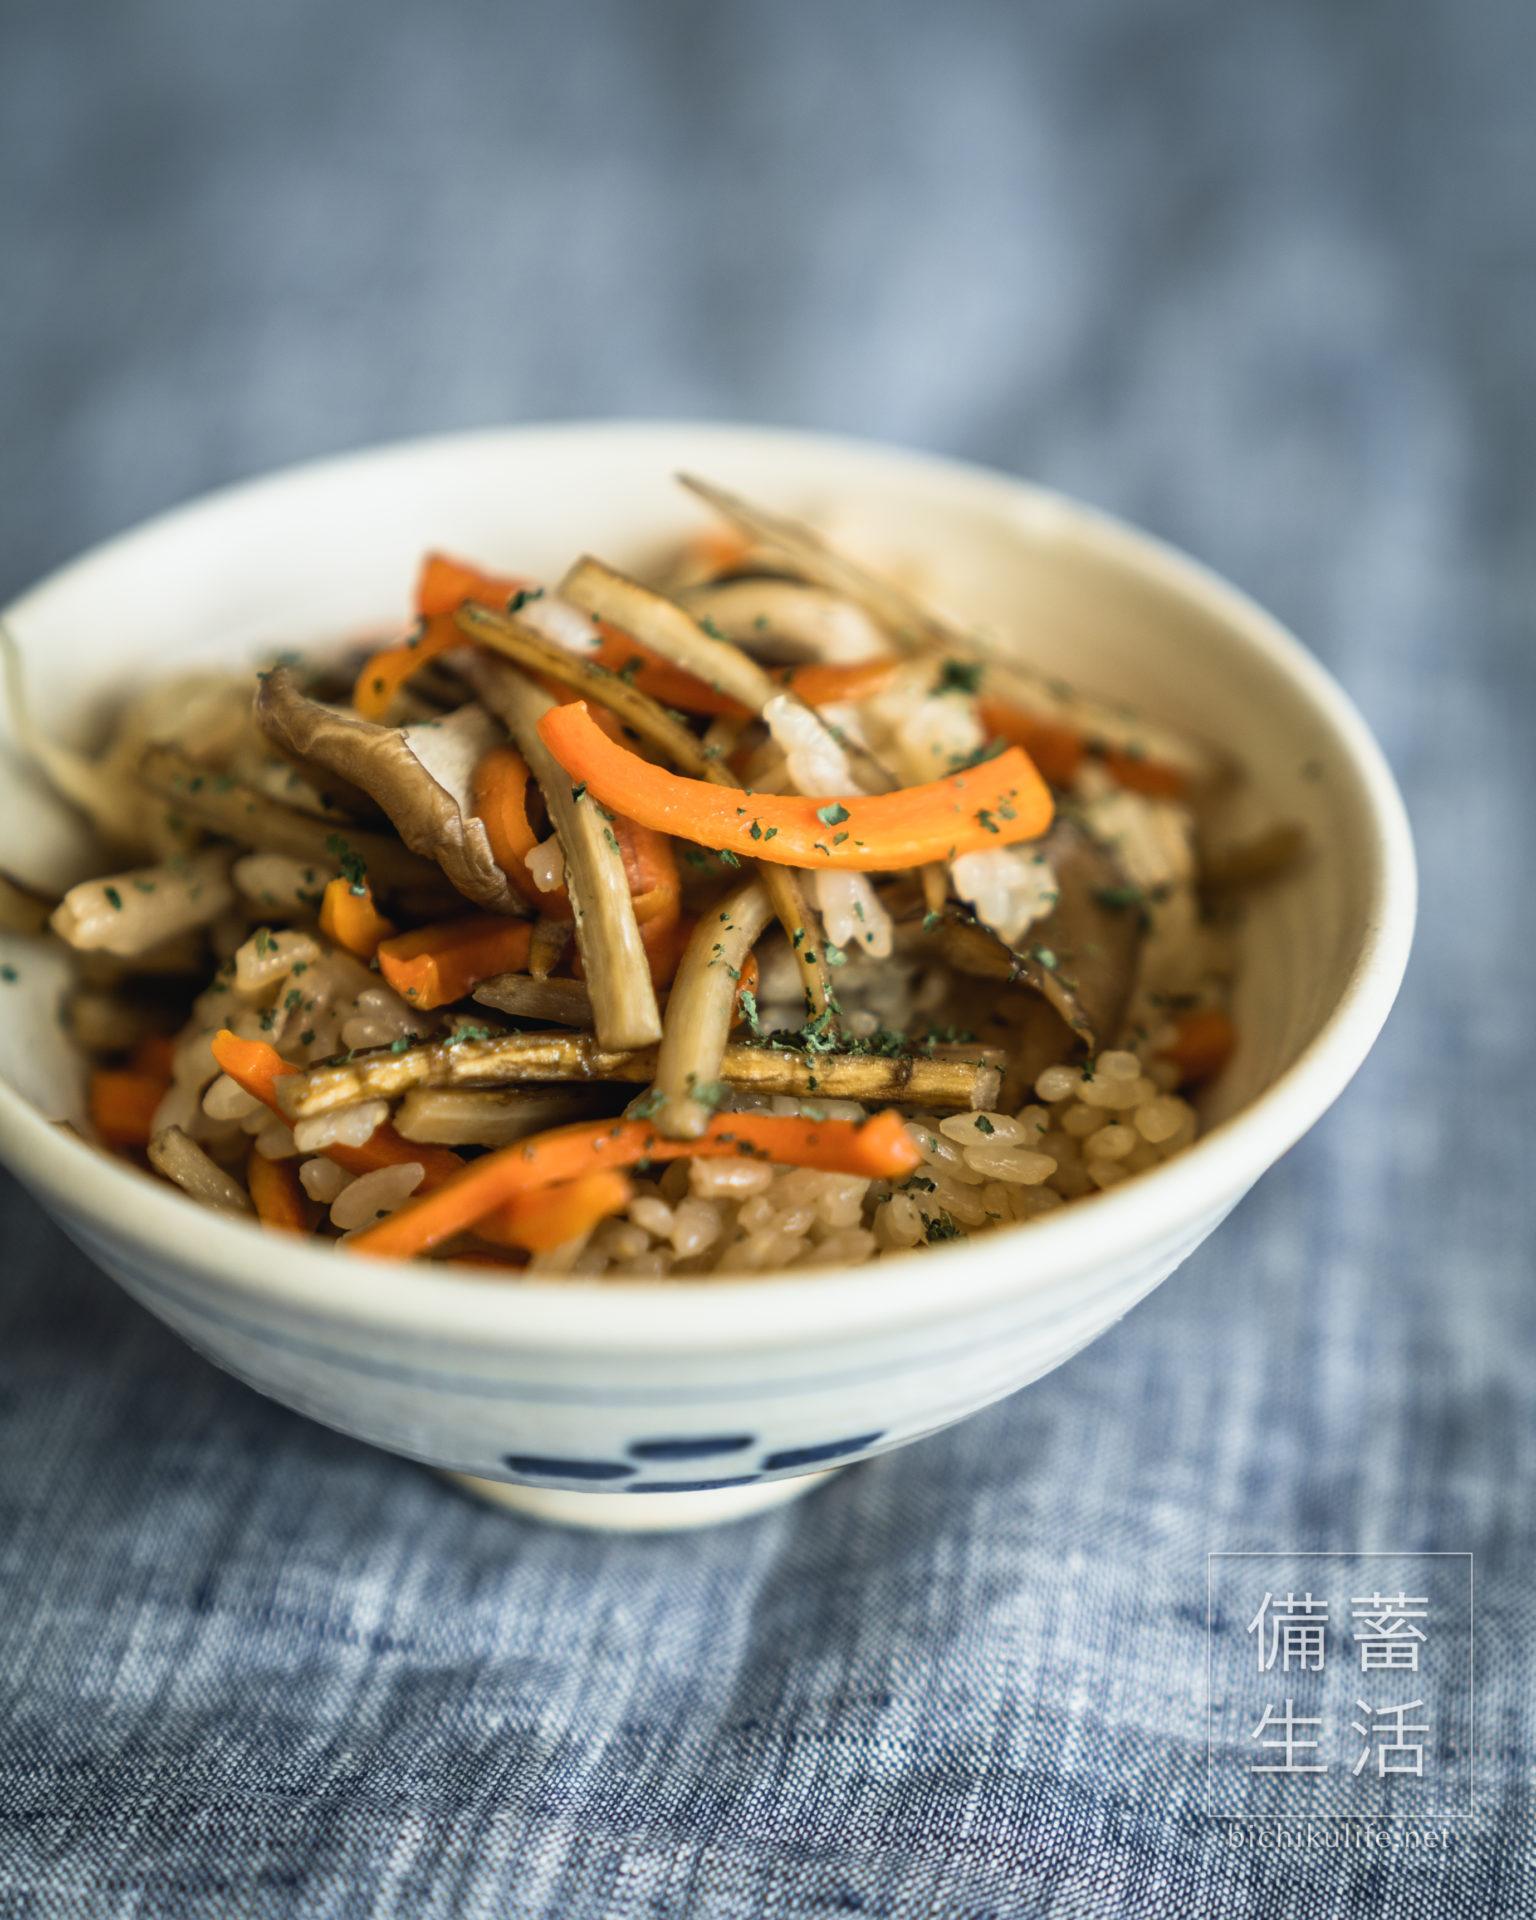 干し野菜づくり 干しごぼうと干し人参のレシピ、干しごぼうと人参の炊き込みご飯